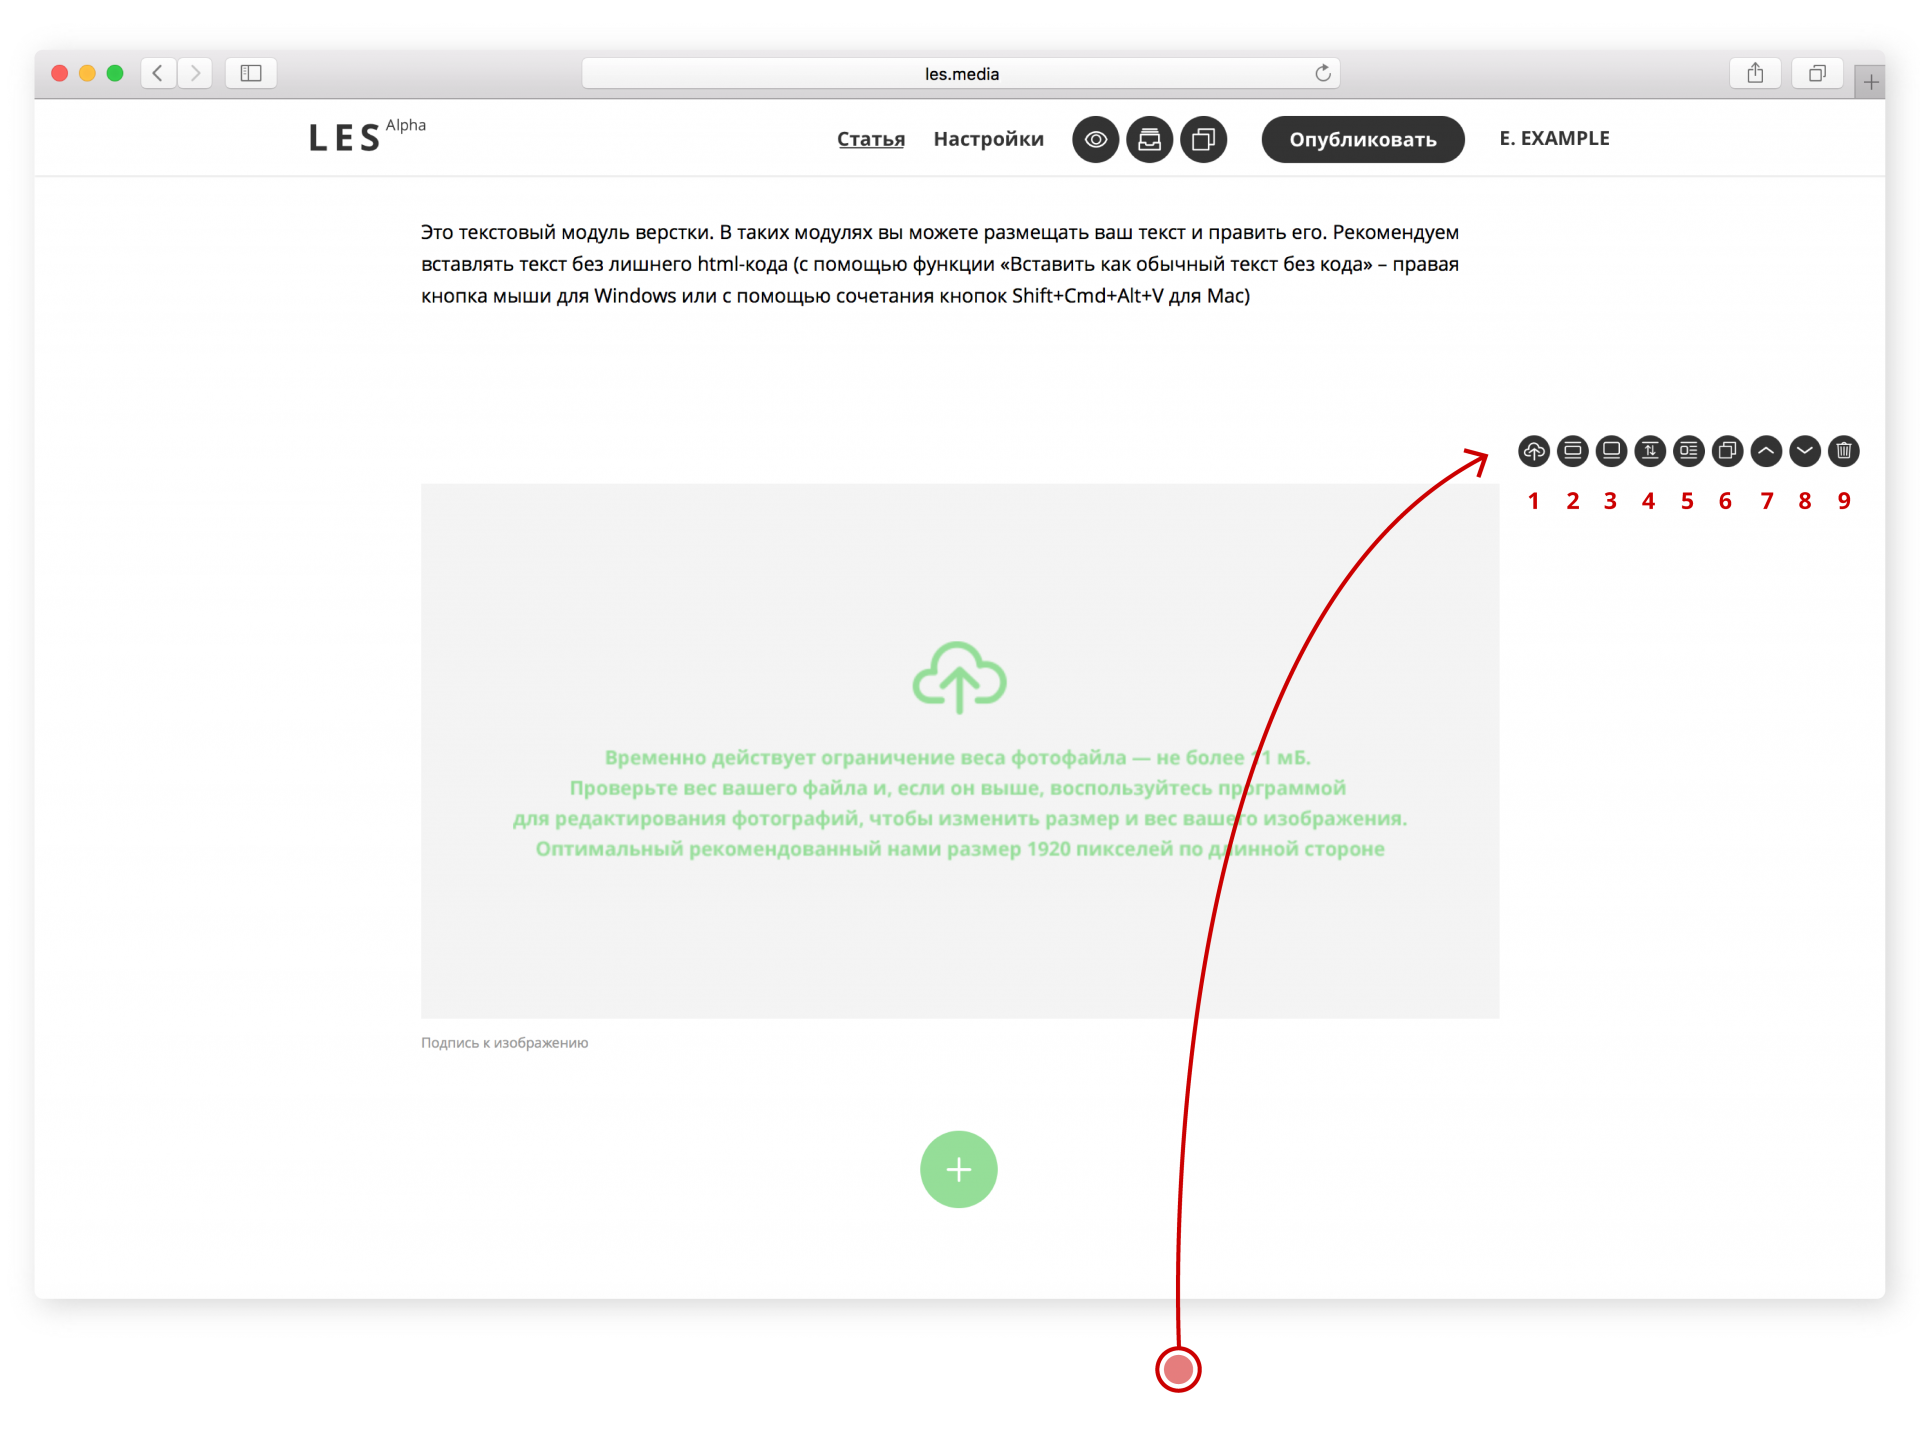 Как сделать неподвижную картинку в правом углу сайта сделать сайт появился поиске